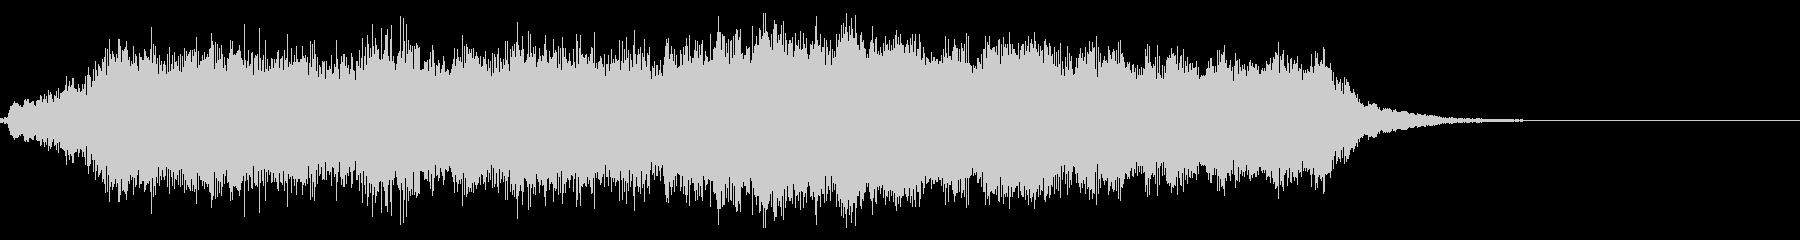 フルオーケストラジングル(10秒)の未再生の波形